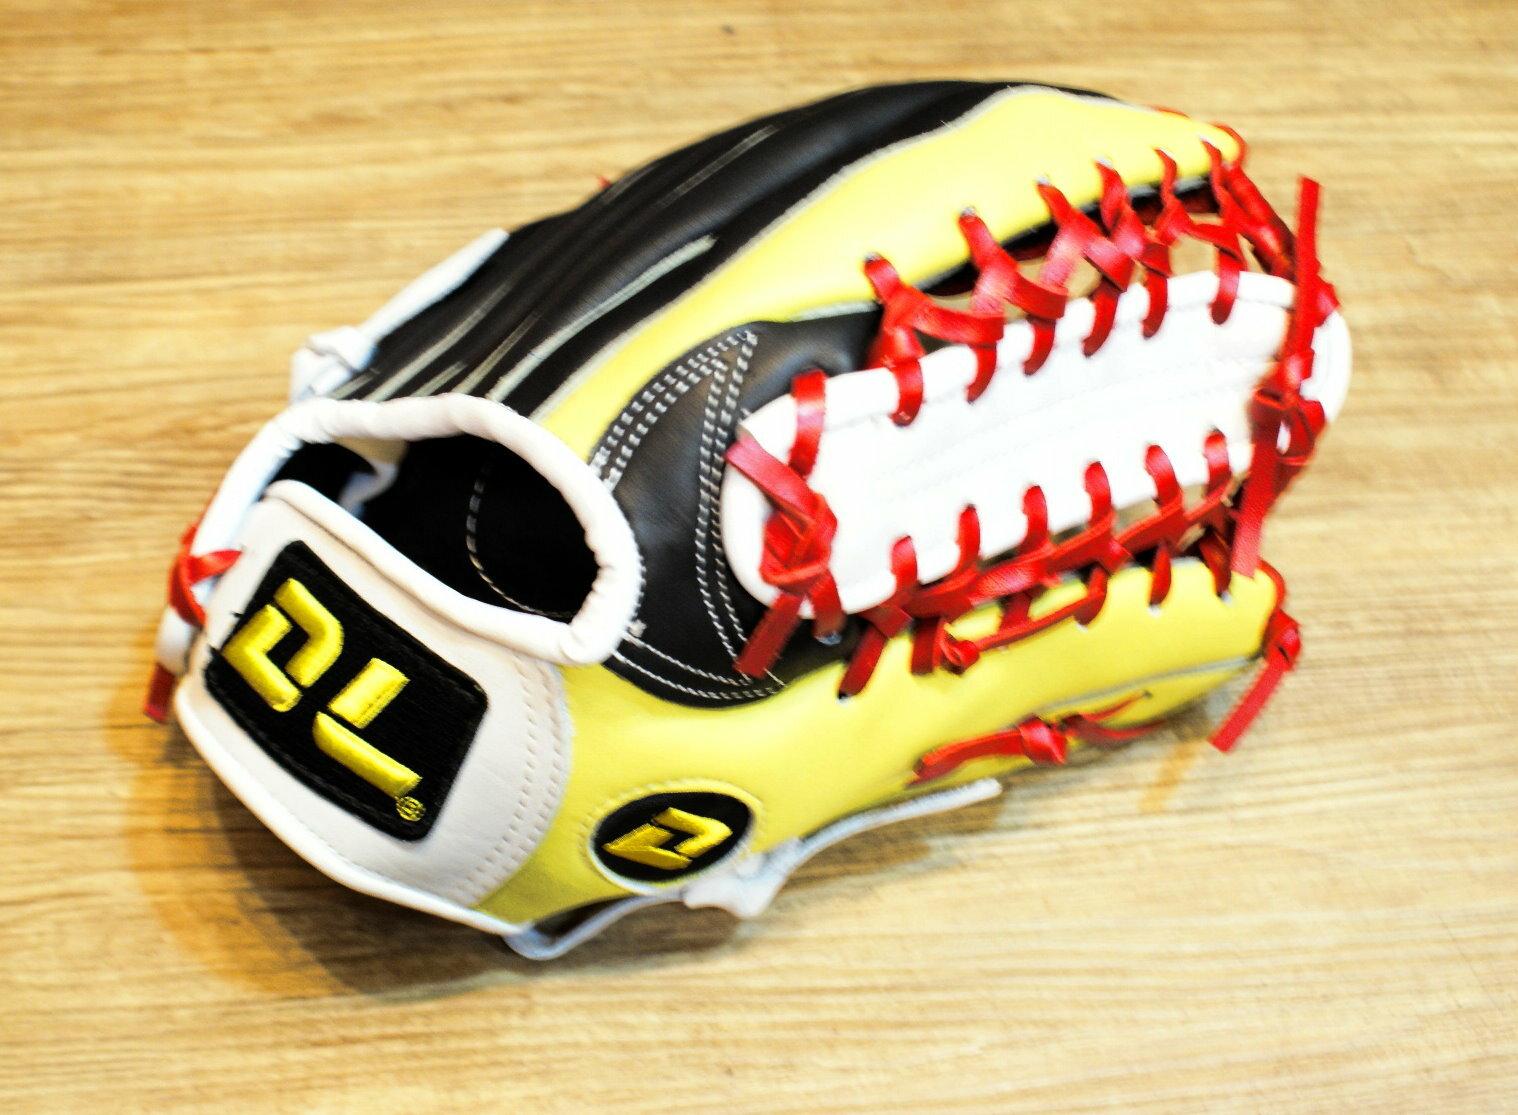 〈棒球世界〉DL牛舌檔訂製款 12吋棒壘手套 1600含運 加送手套袋 黃黑配色